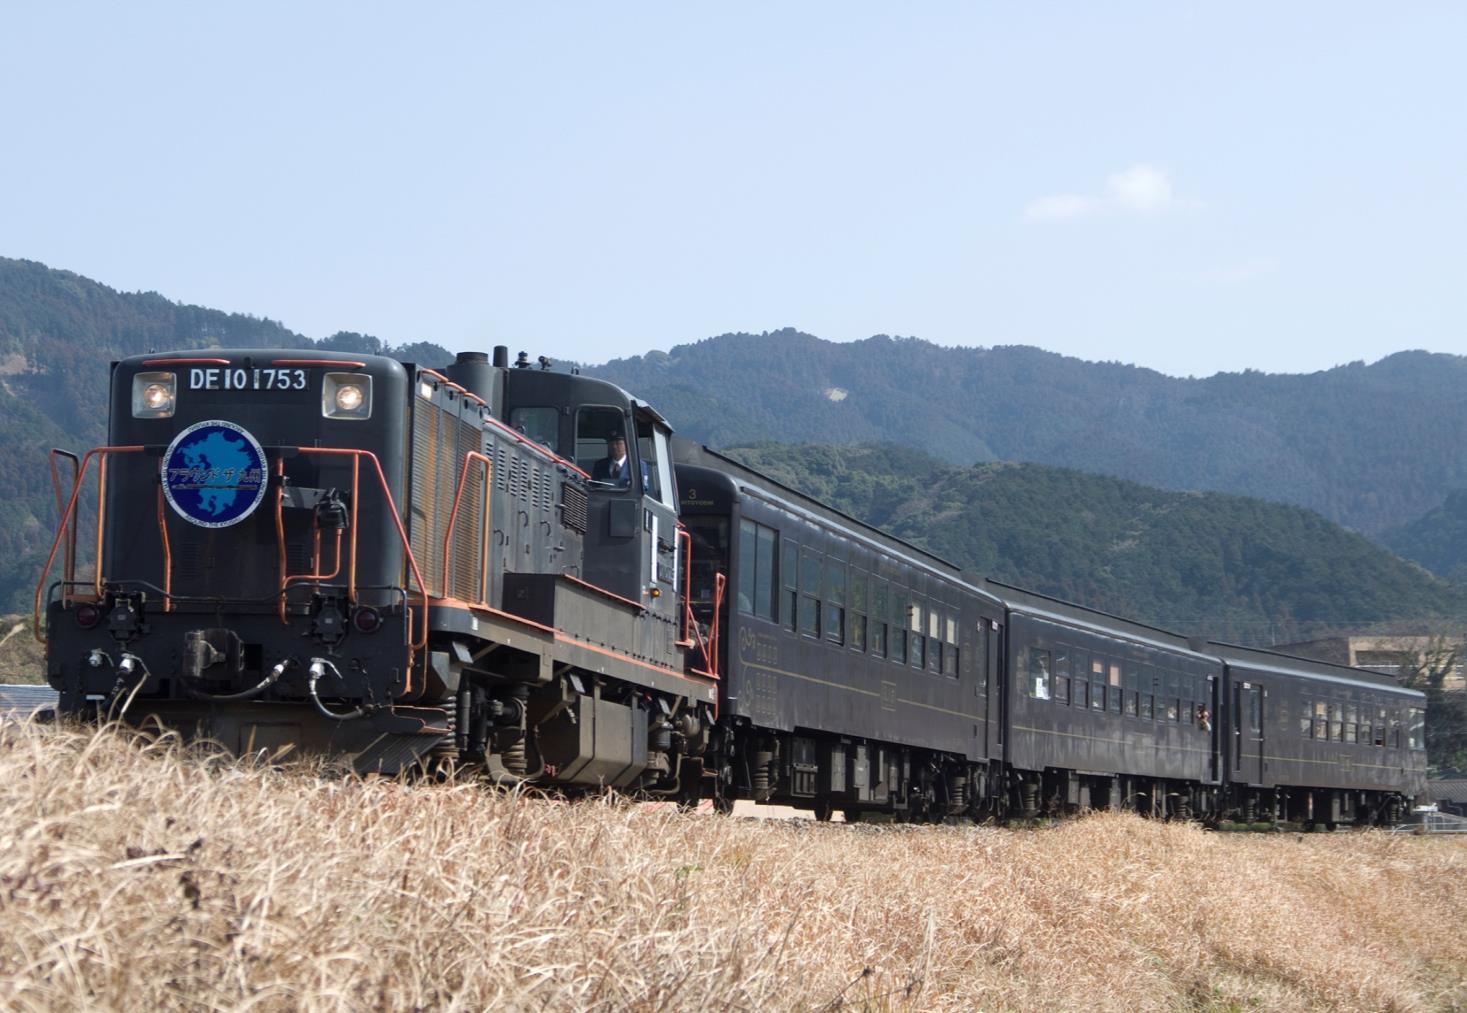 SL人吉の客車で行く日田彦山線の旅(イメージ)